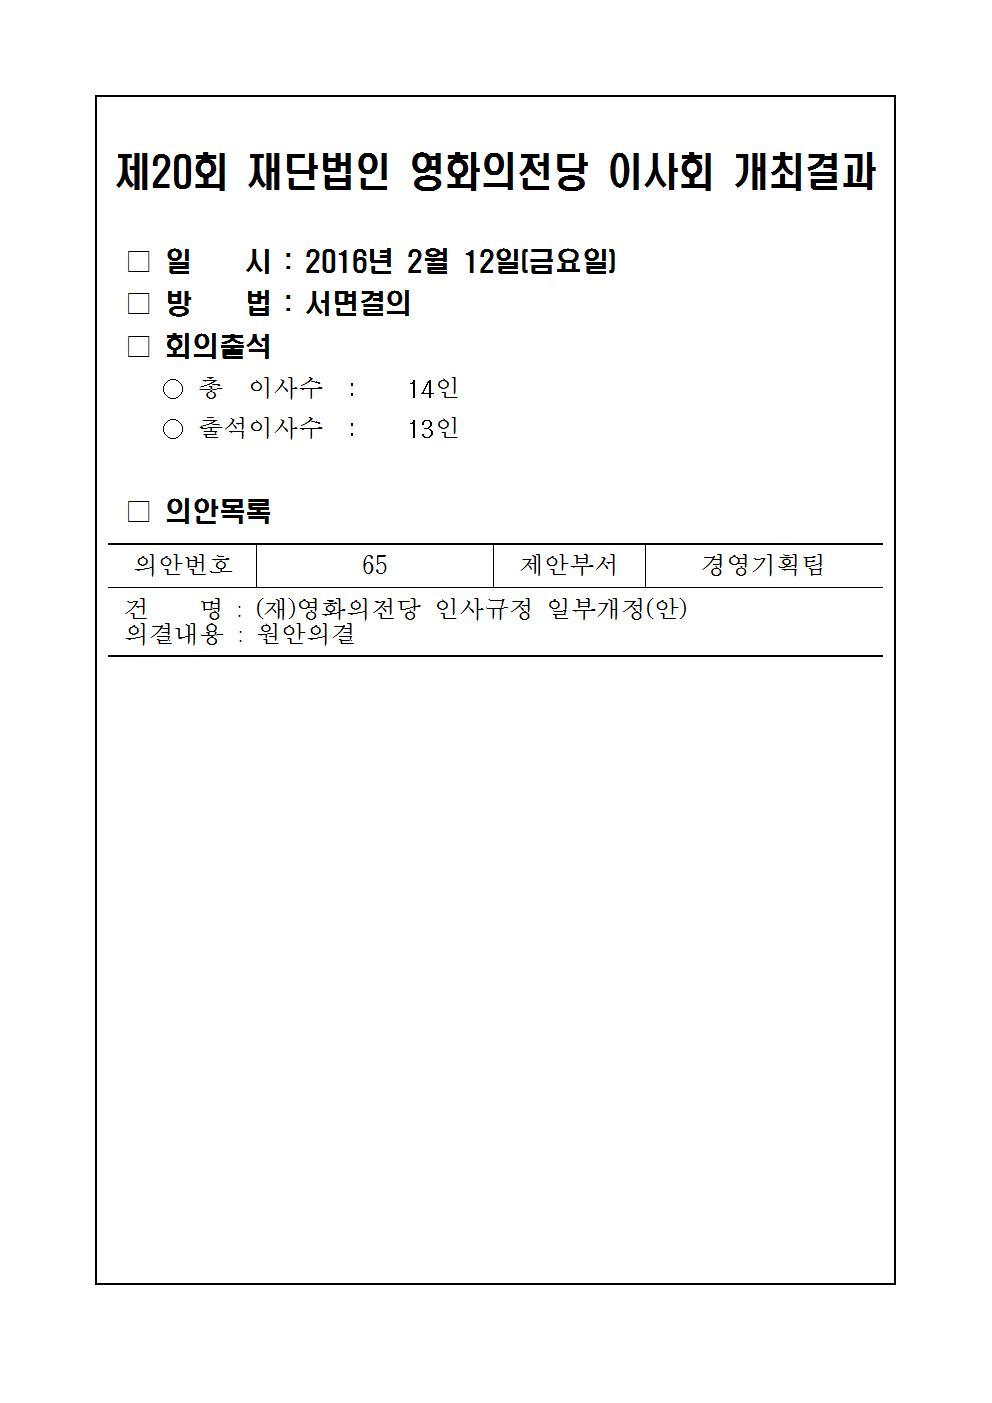 이사회 개최 결과(제20회)